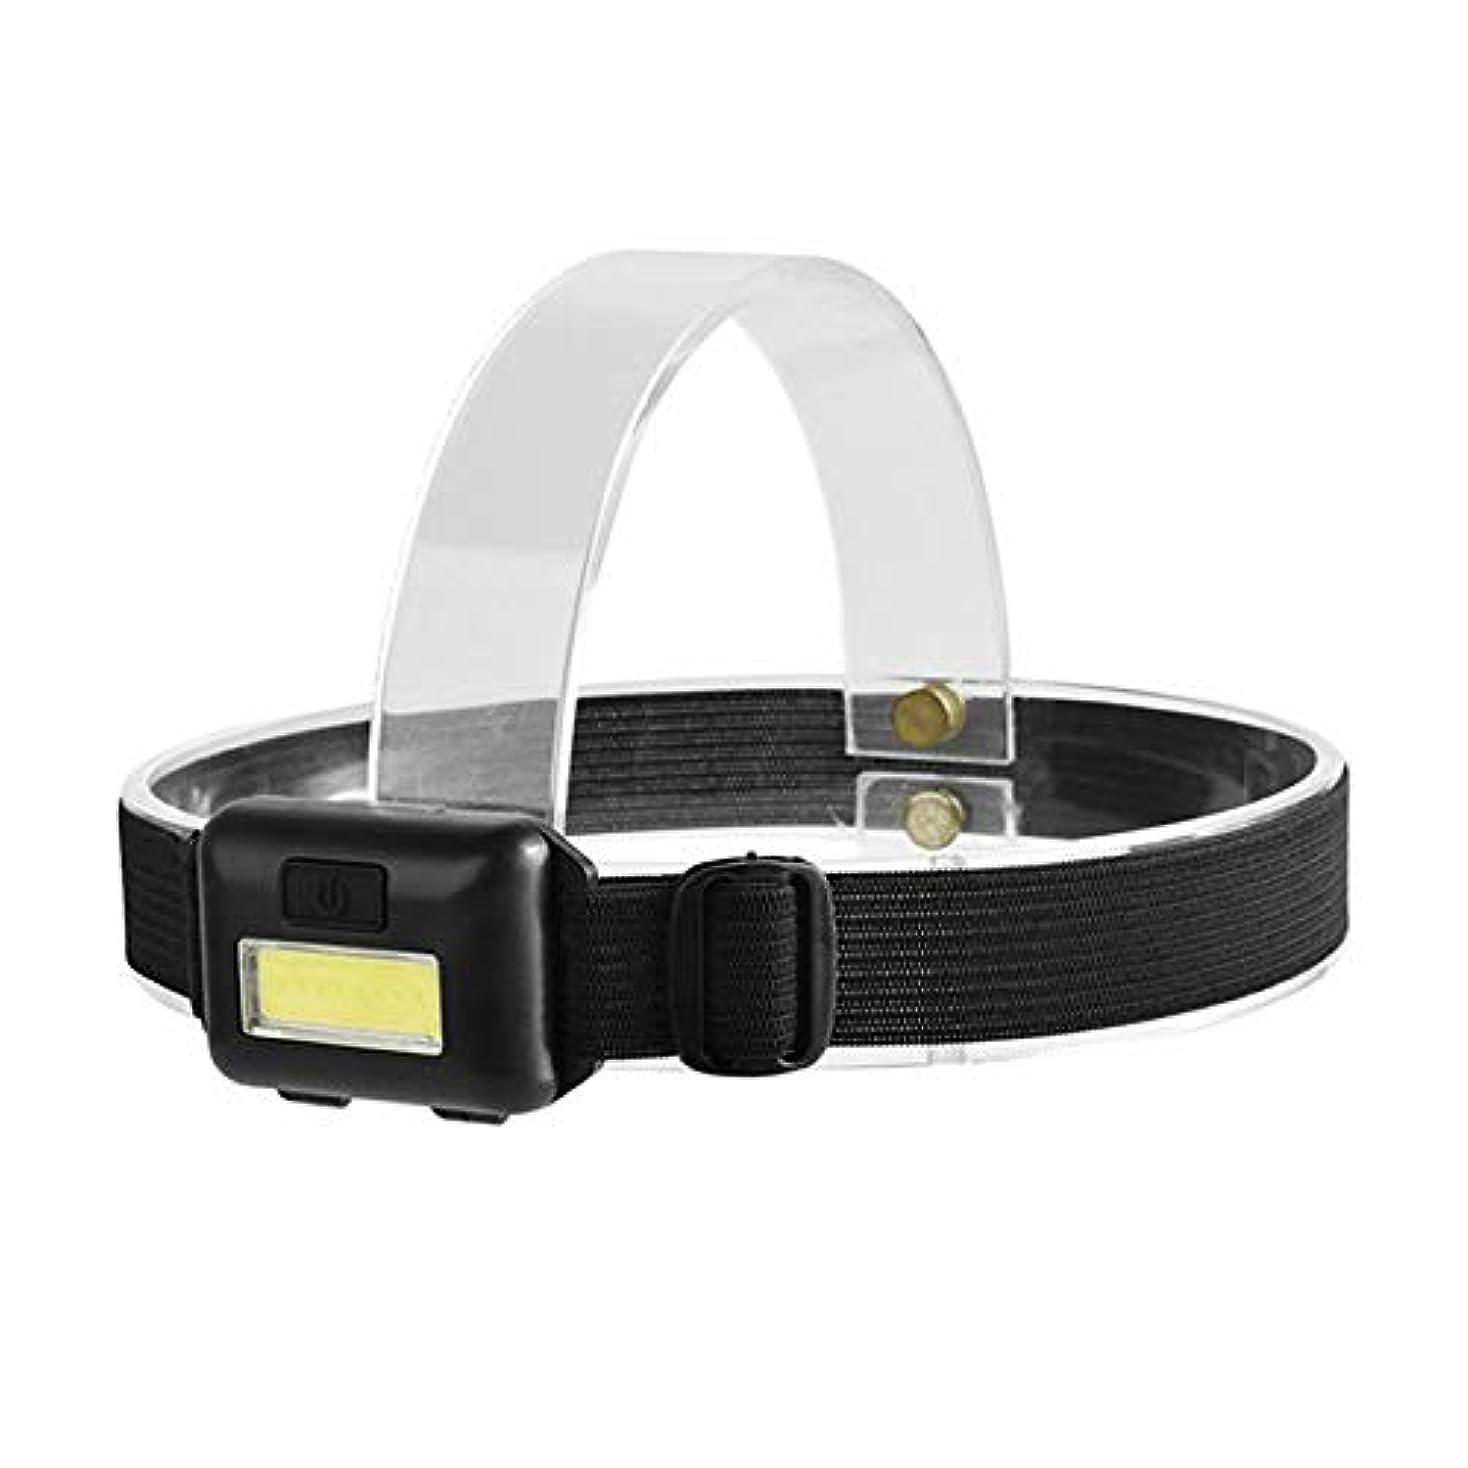 心からレポートを書く害虫Stardust ブラック COB ヘッドライト 光量 LEDライト 夜間 照明 ランニング SD-COBRIGHT